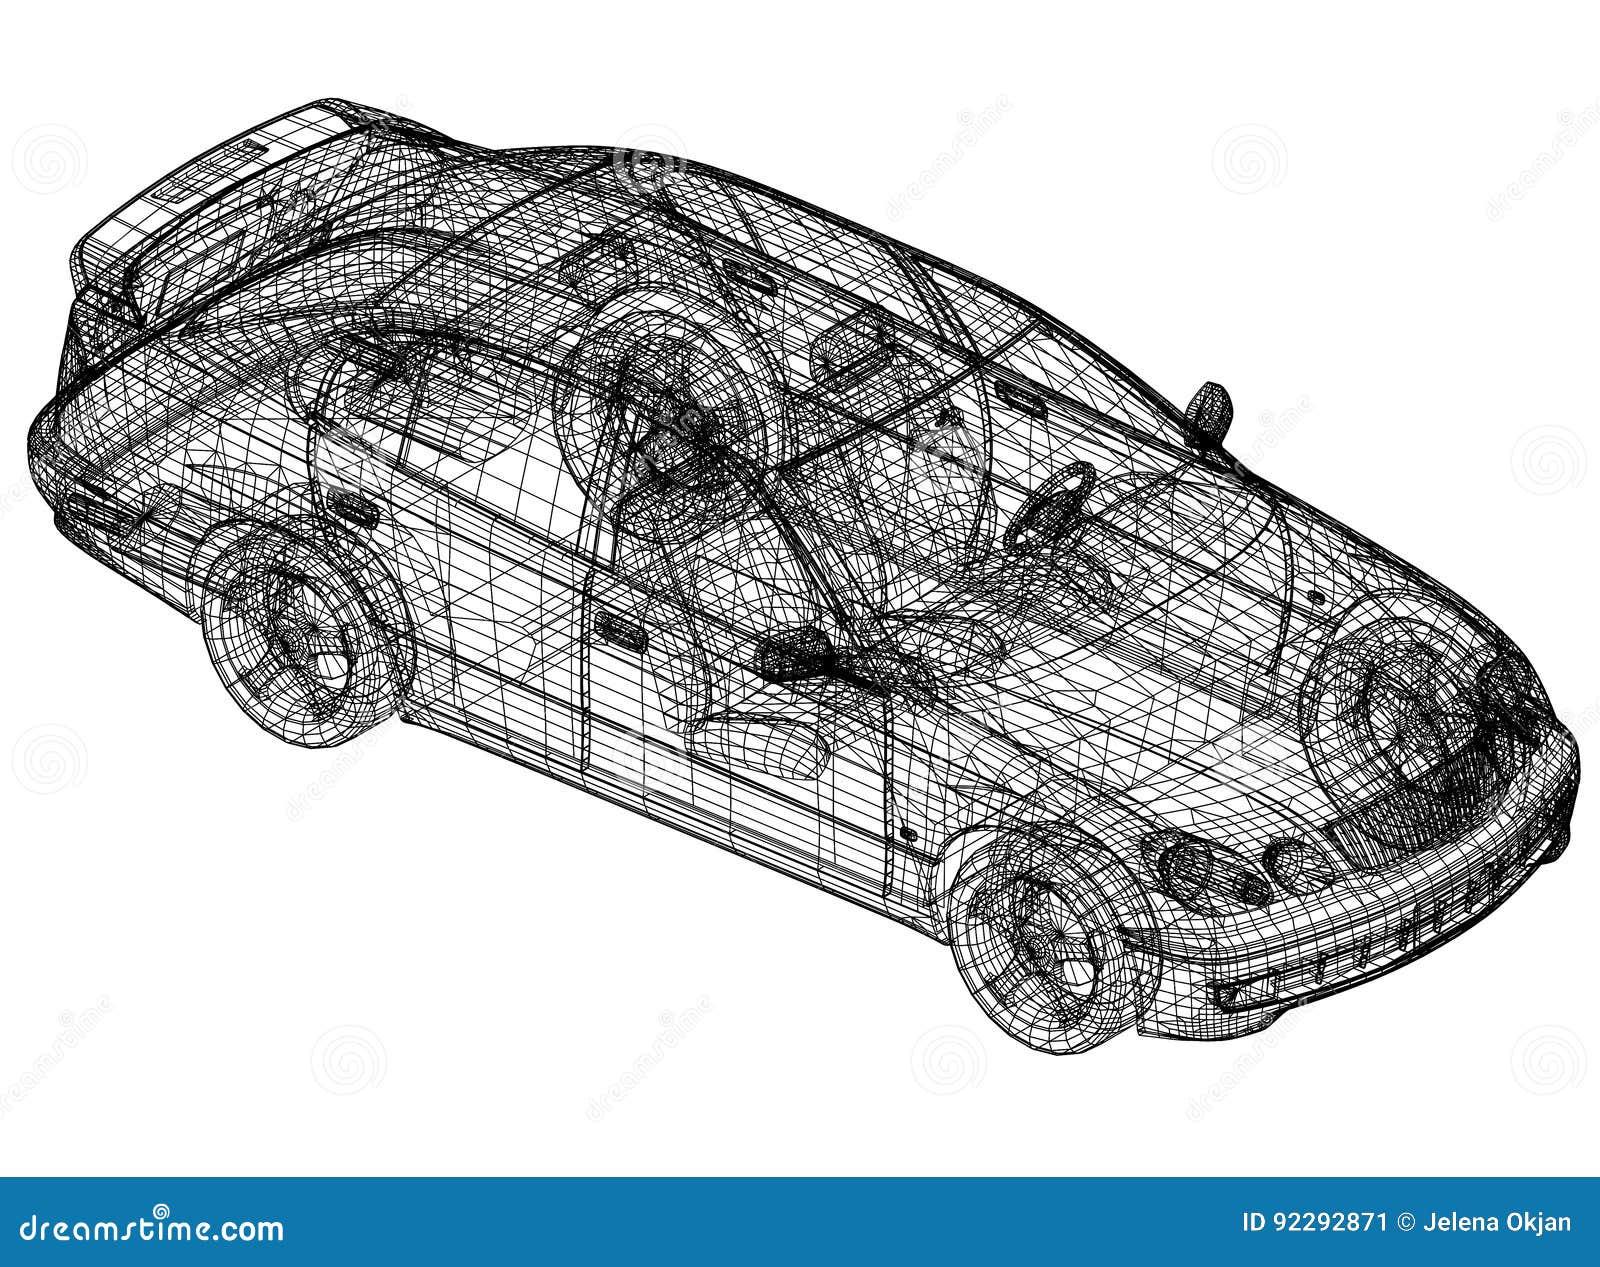 Concept car blueprint – 3D perspective